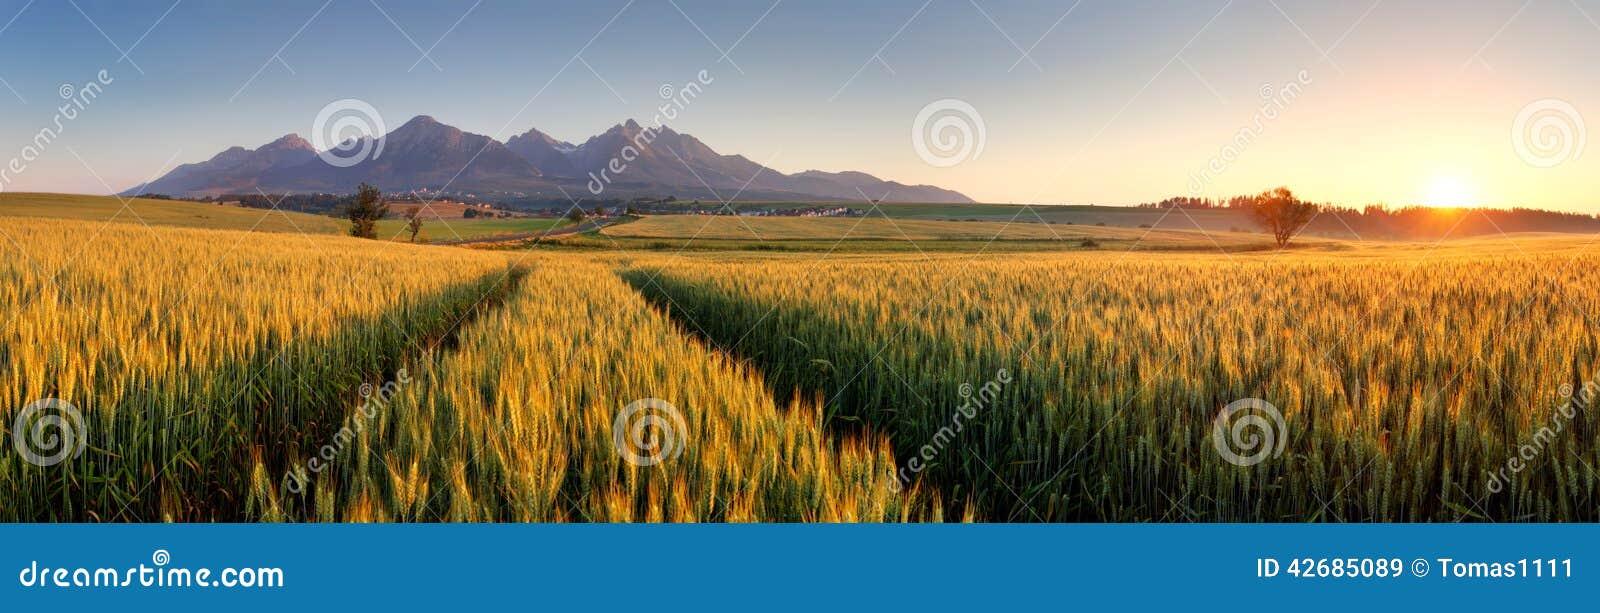 Puesta del sol sobre campo de trigo con la trayectoria en la montaña de Eslovaquia Tatra